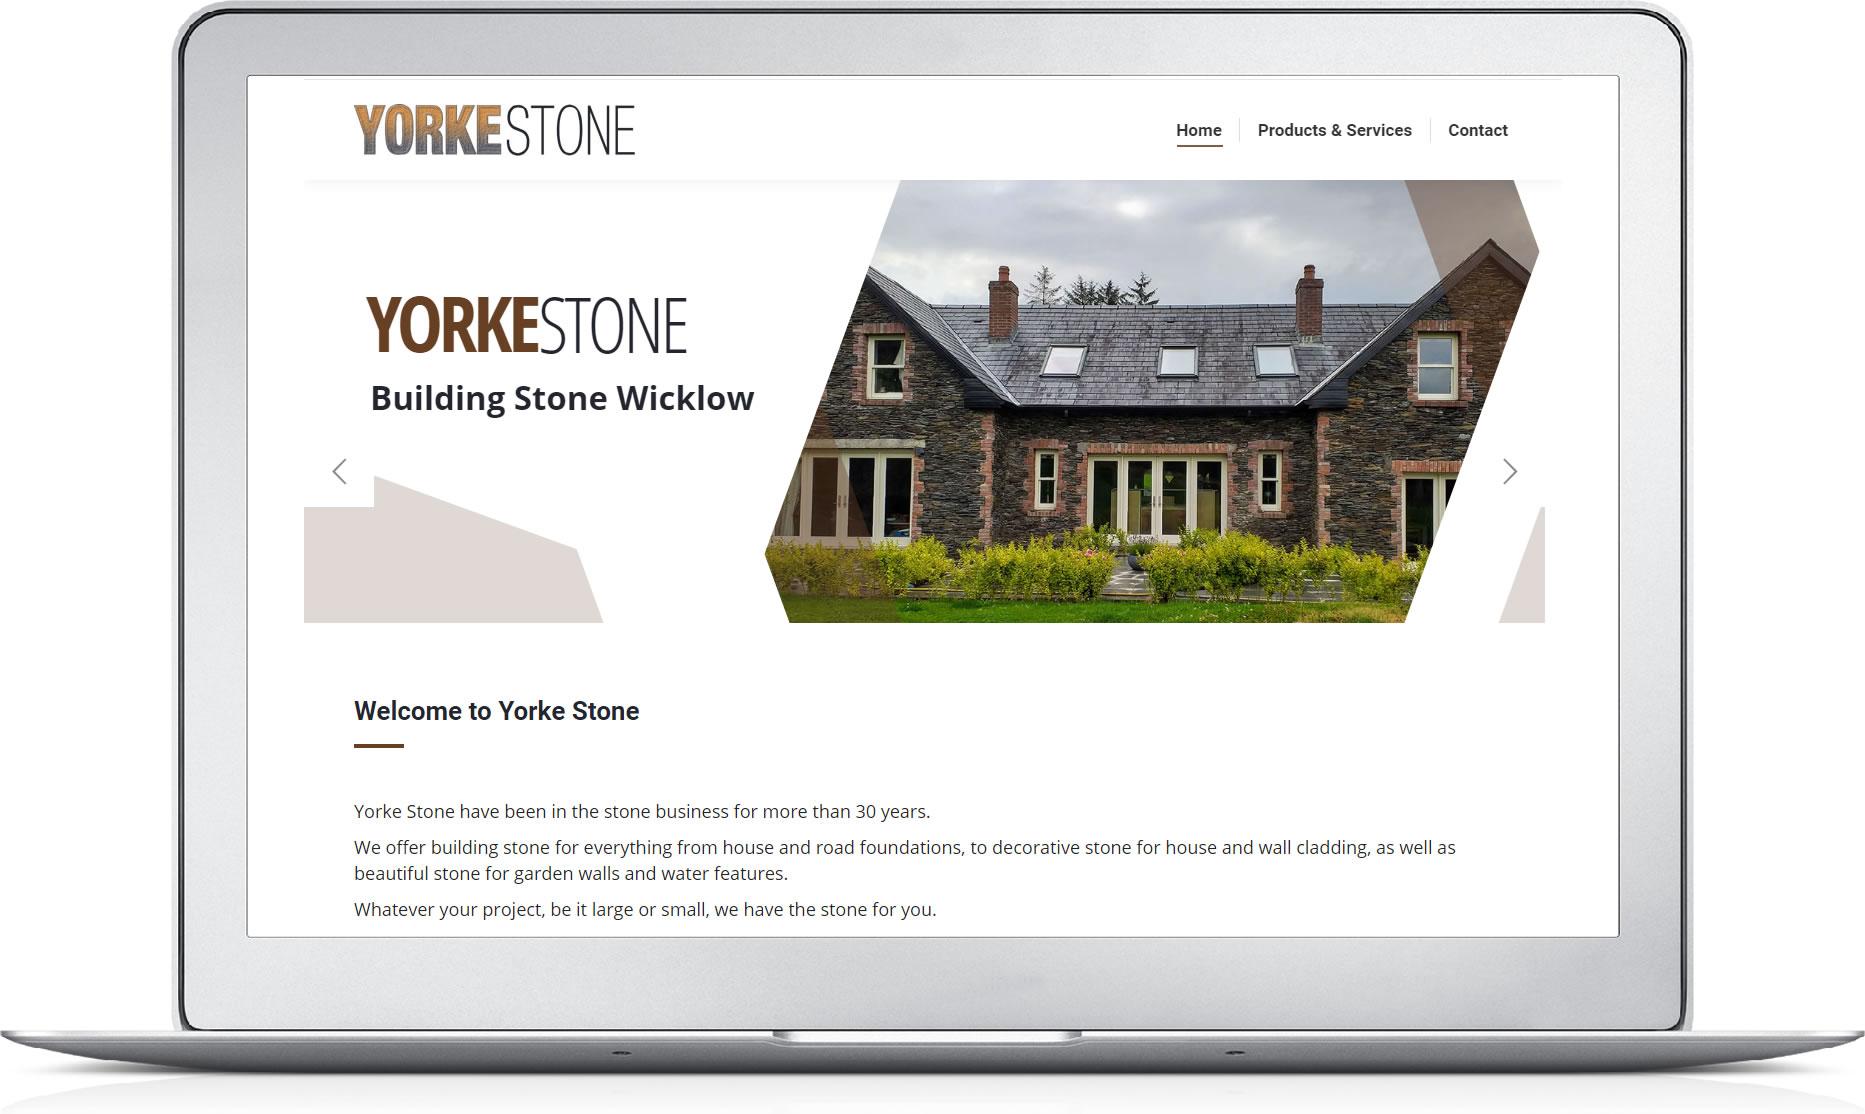 Building Stone Wicklow Yorke Stone